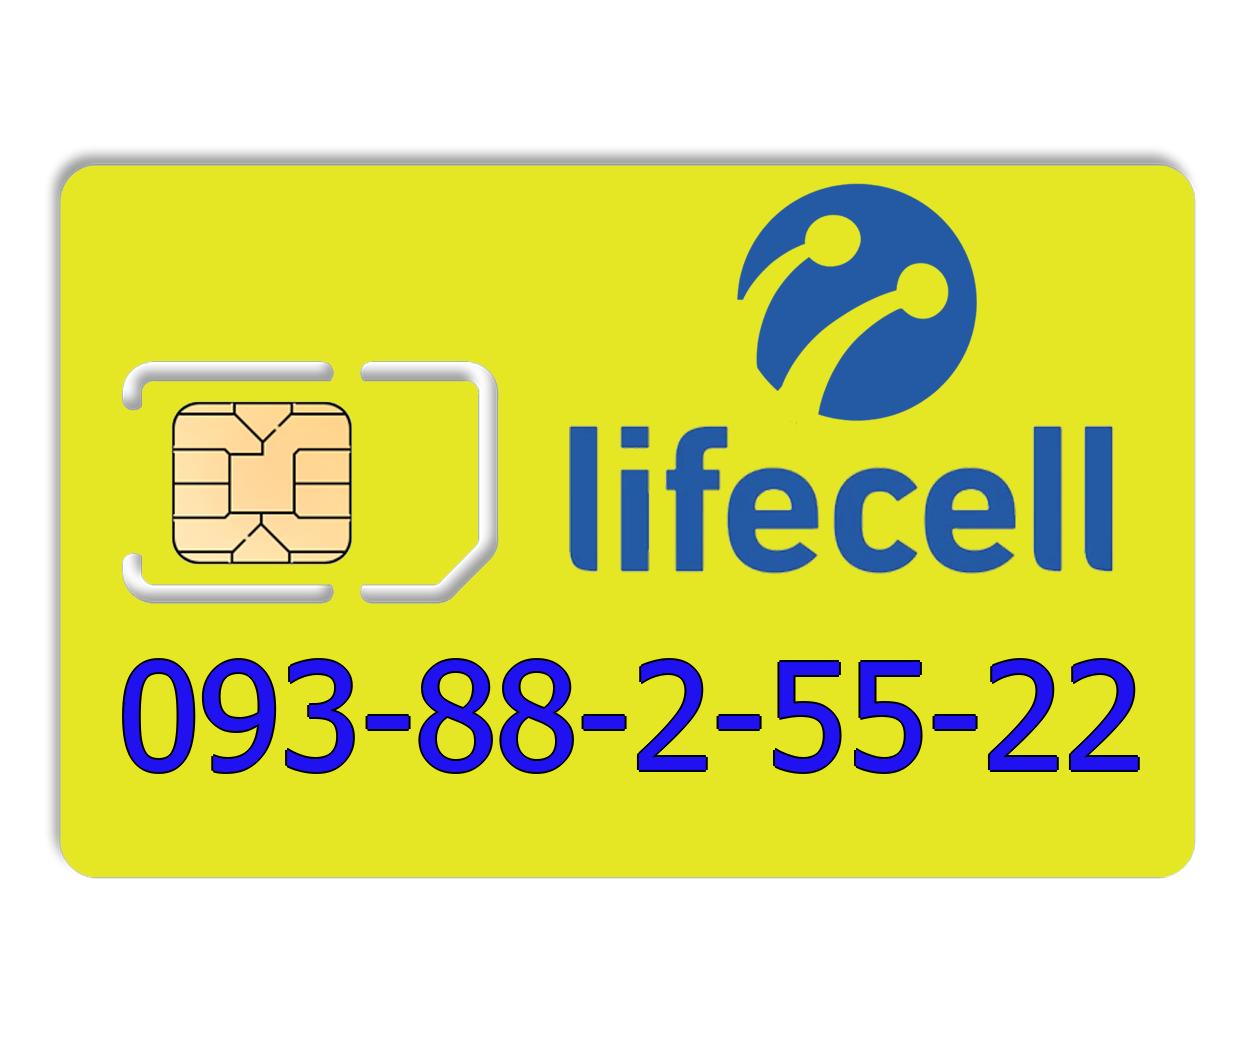 Красивый номер lifecell 093-88-2-55-22